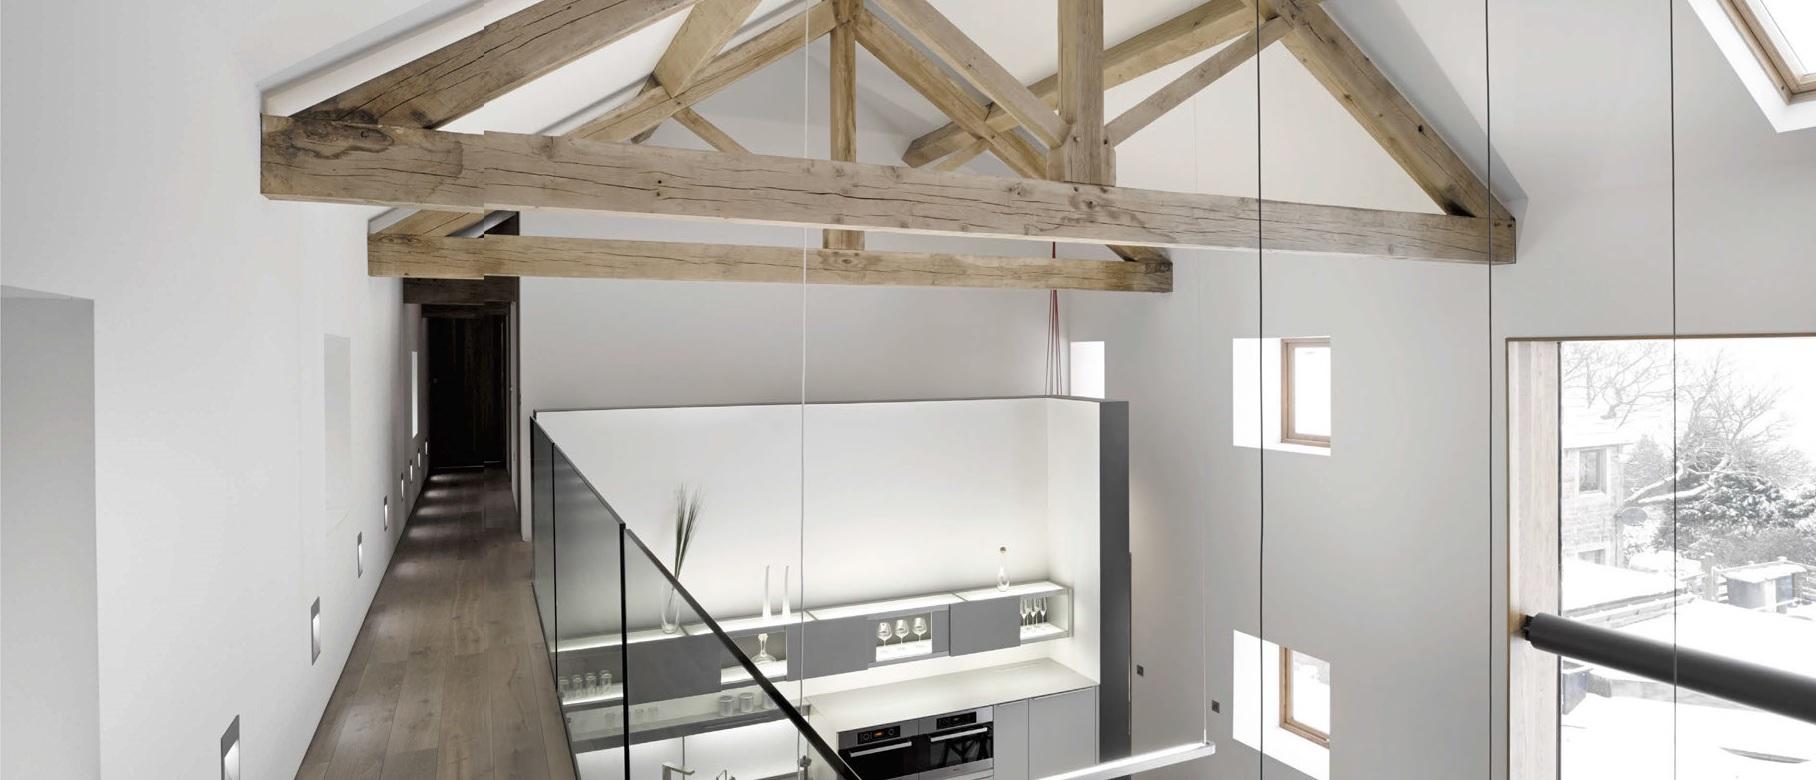 Una cucina a due piani in fienile ristrutturato ville casali for Piani casa com